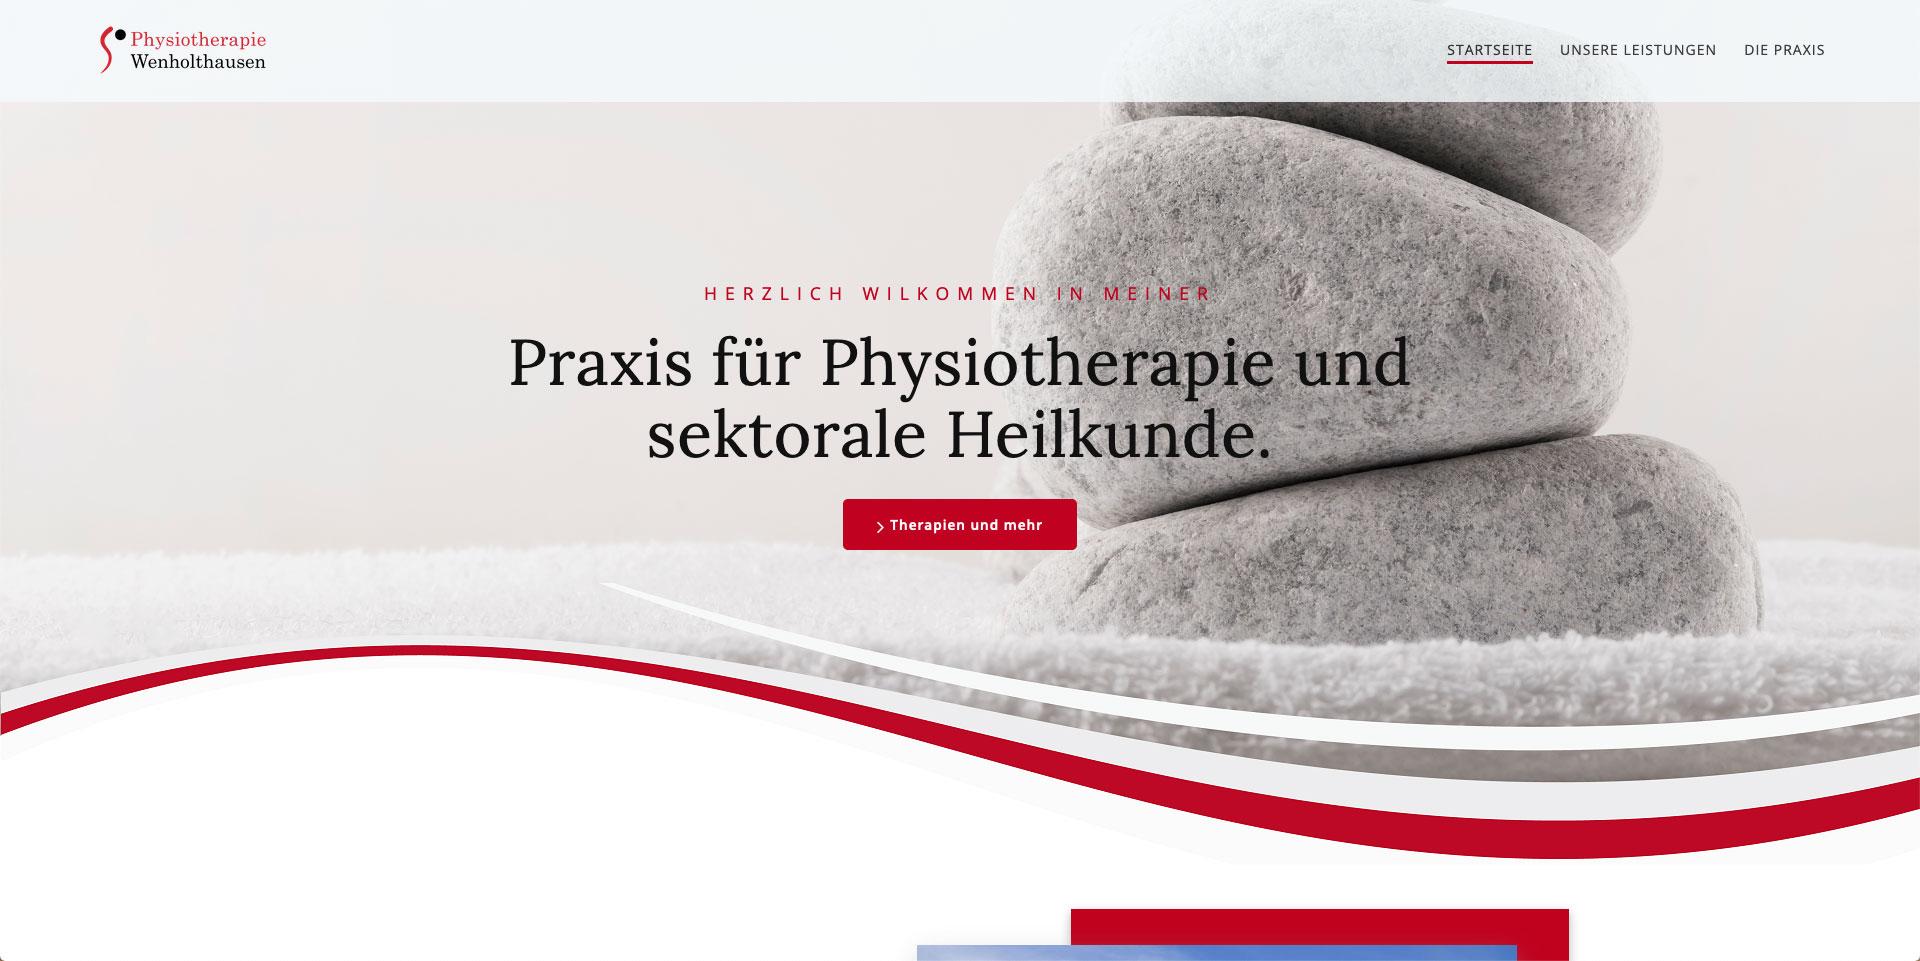 Internet-Auftritt und Online-Shop, Homepage, Webpräsenz, Physiotherapie Wenholthausen